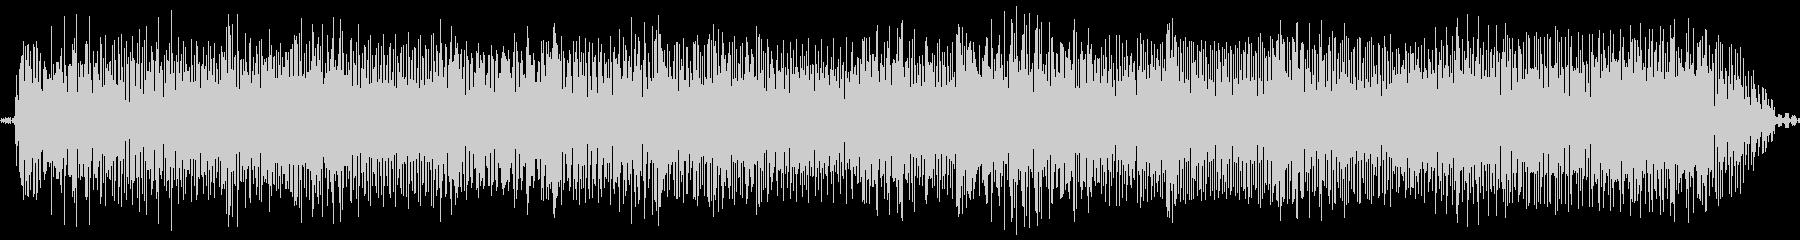 【エレキギター】ヴーミーなファズサウンドの未再生の波形